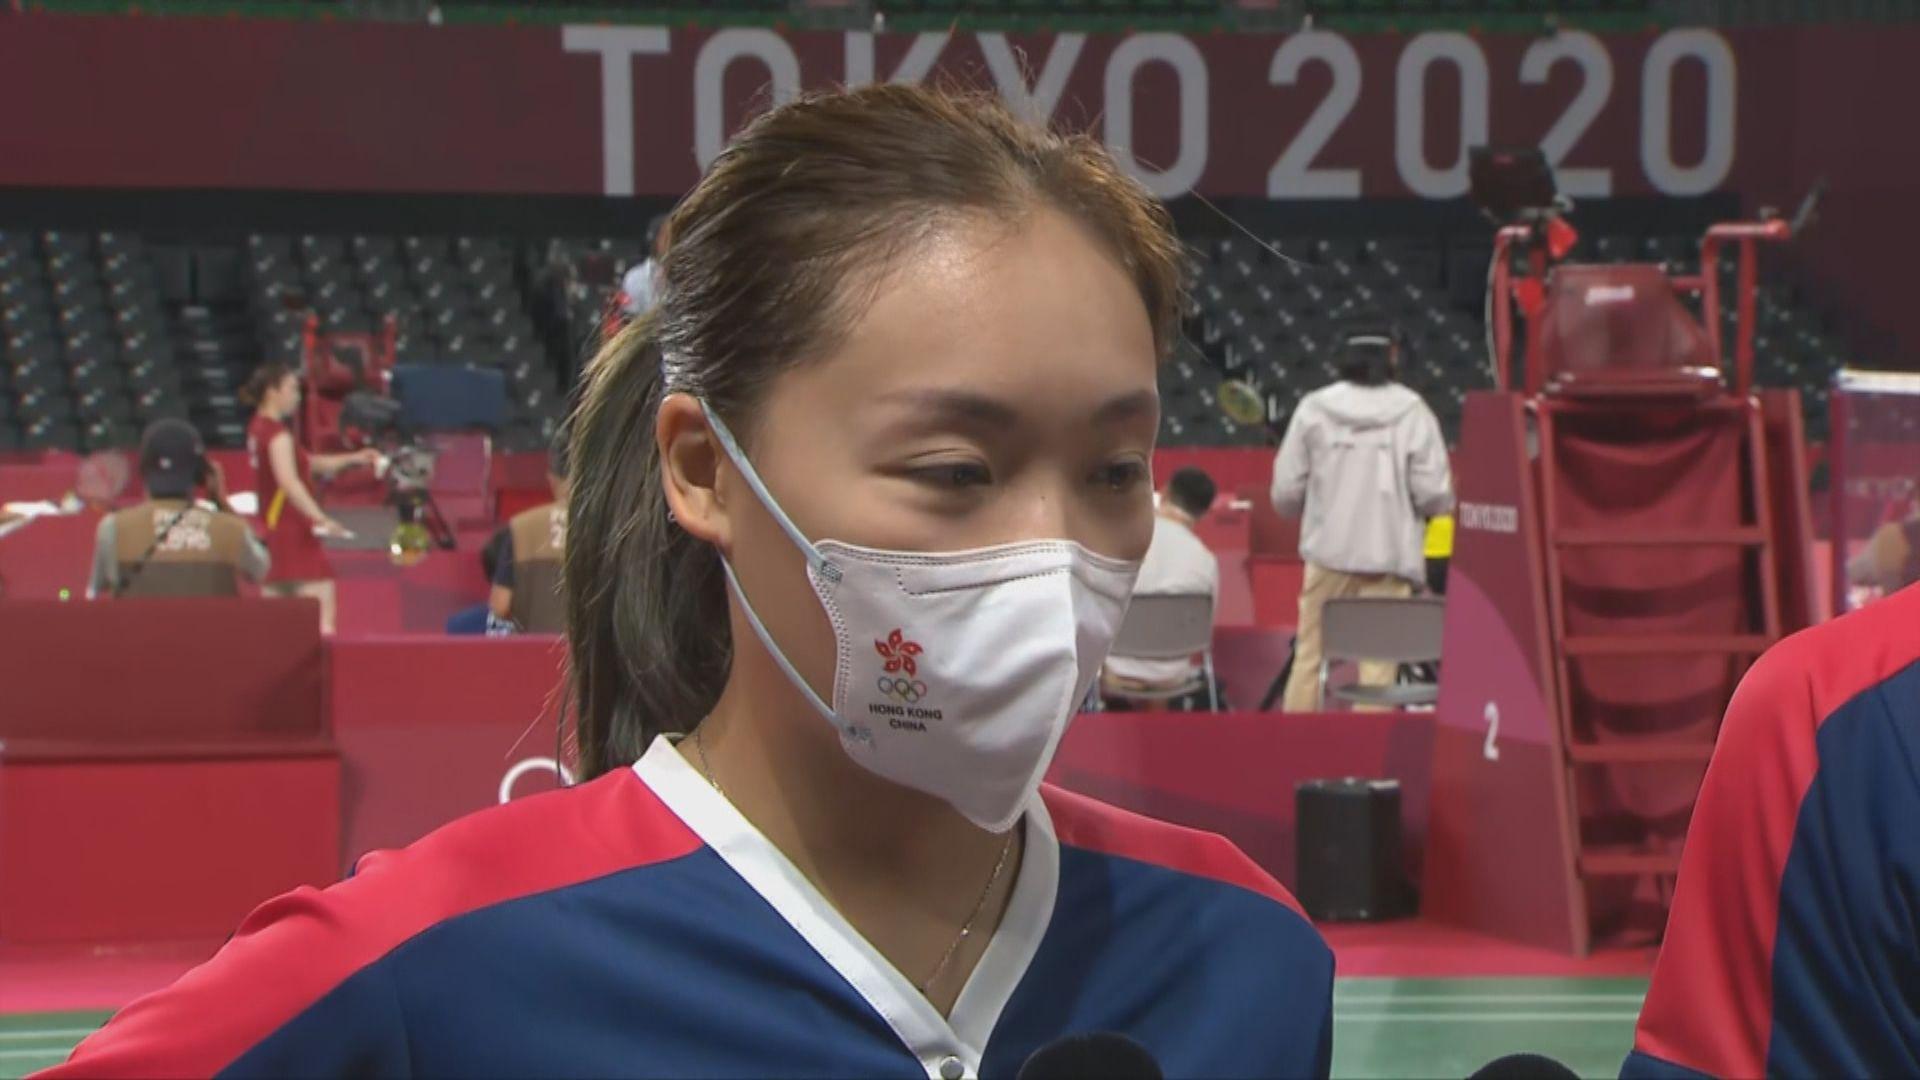 羽毛球混雙晉身四強 「鄧謝配」對自己發揮感到驚喜